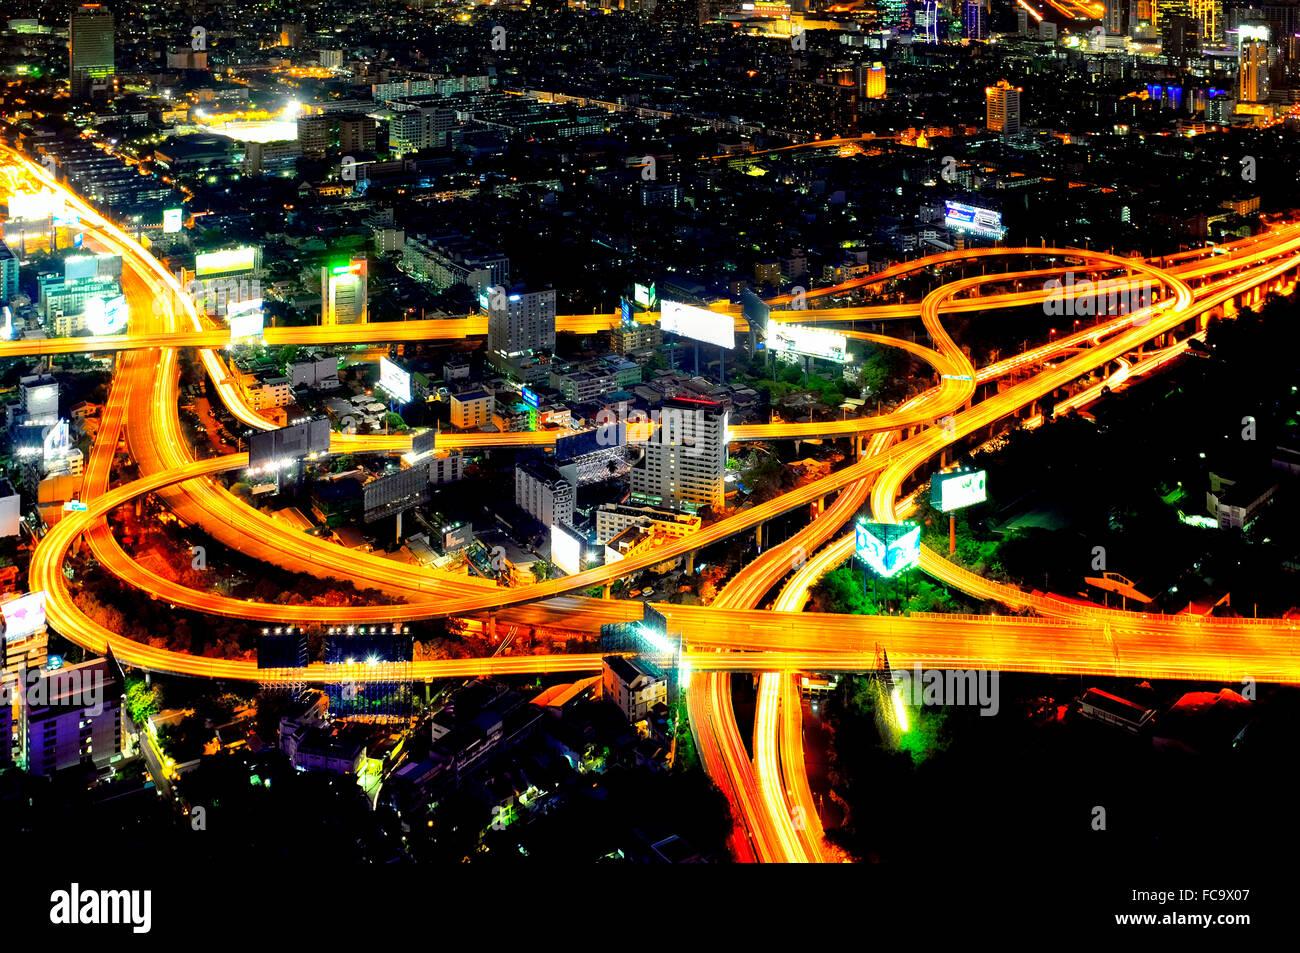 Sirat Expressway Interchange in the Huai Khwang district of Bangkok, Thailand - Stock Image